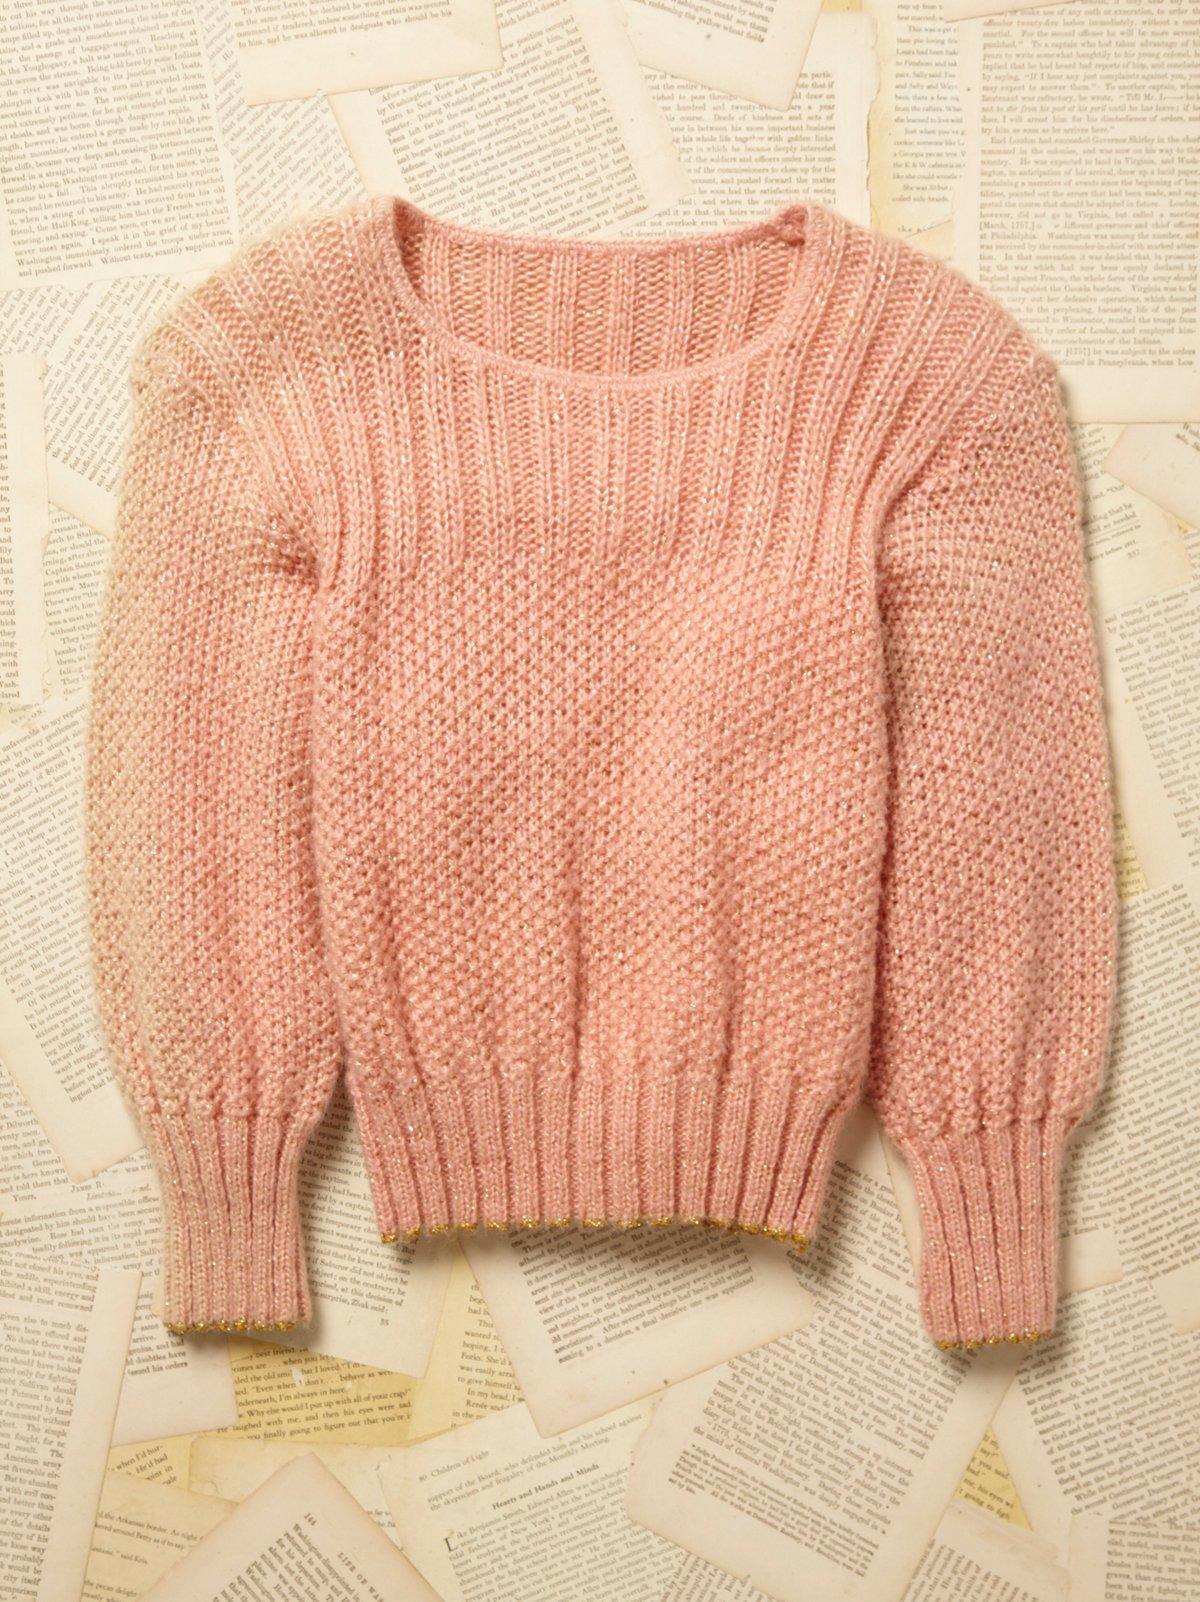 Vintage 1970s Lurex Sweater